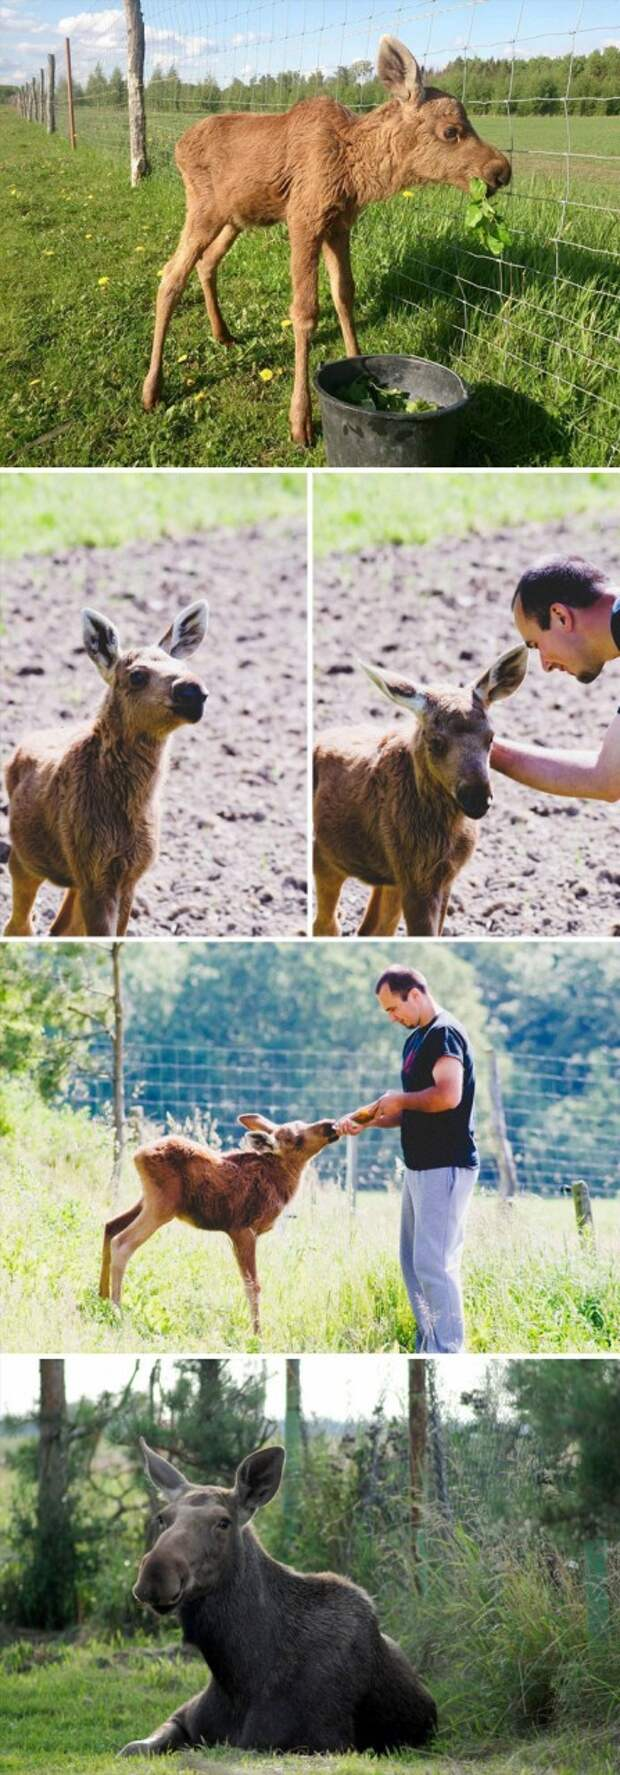 Спасенный лосенок каждый день приходит к своему спасителю, чтобы поиграть с ним Счастливый конец, животные, спасение